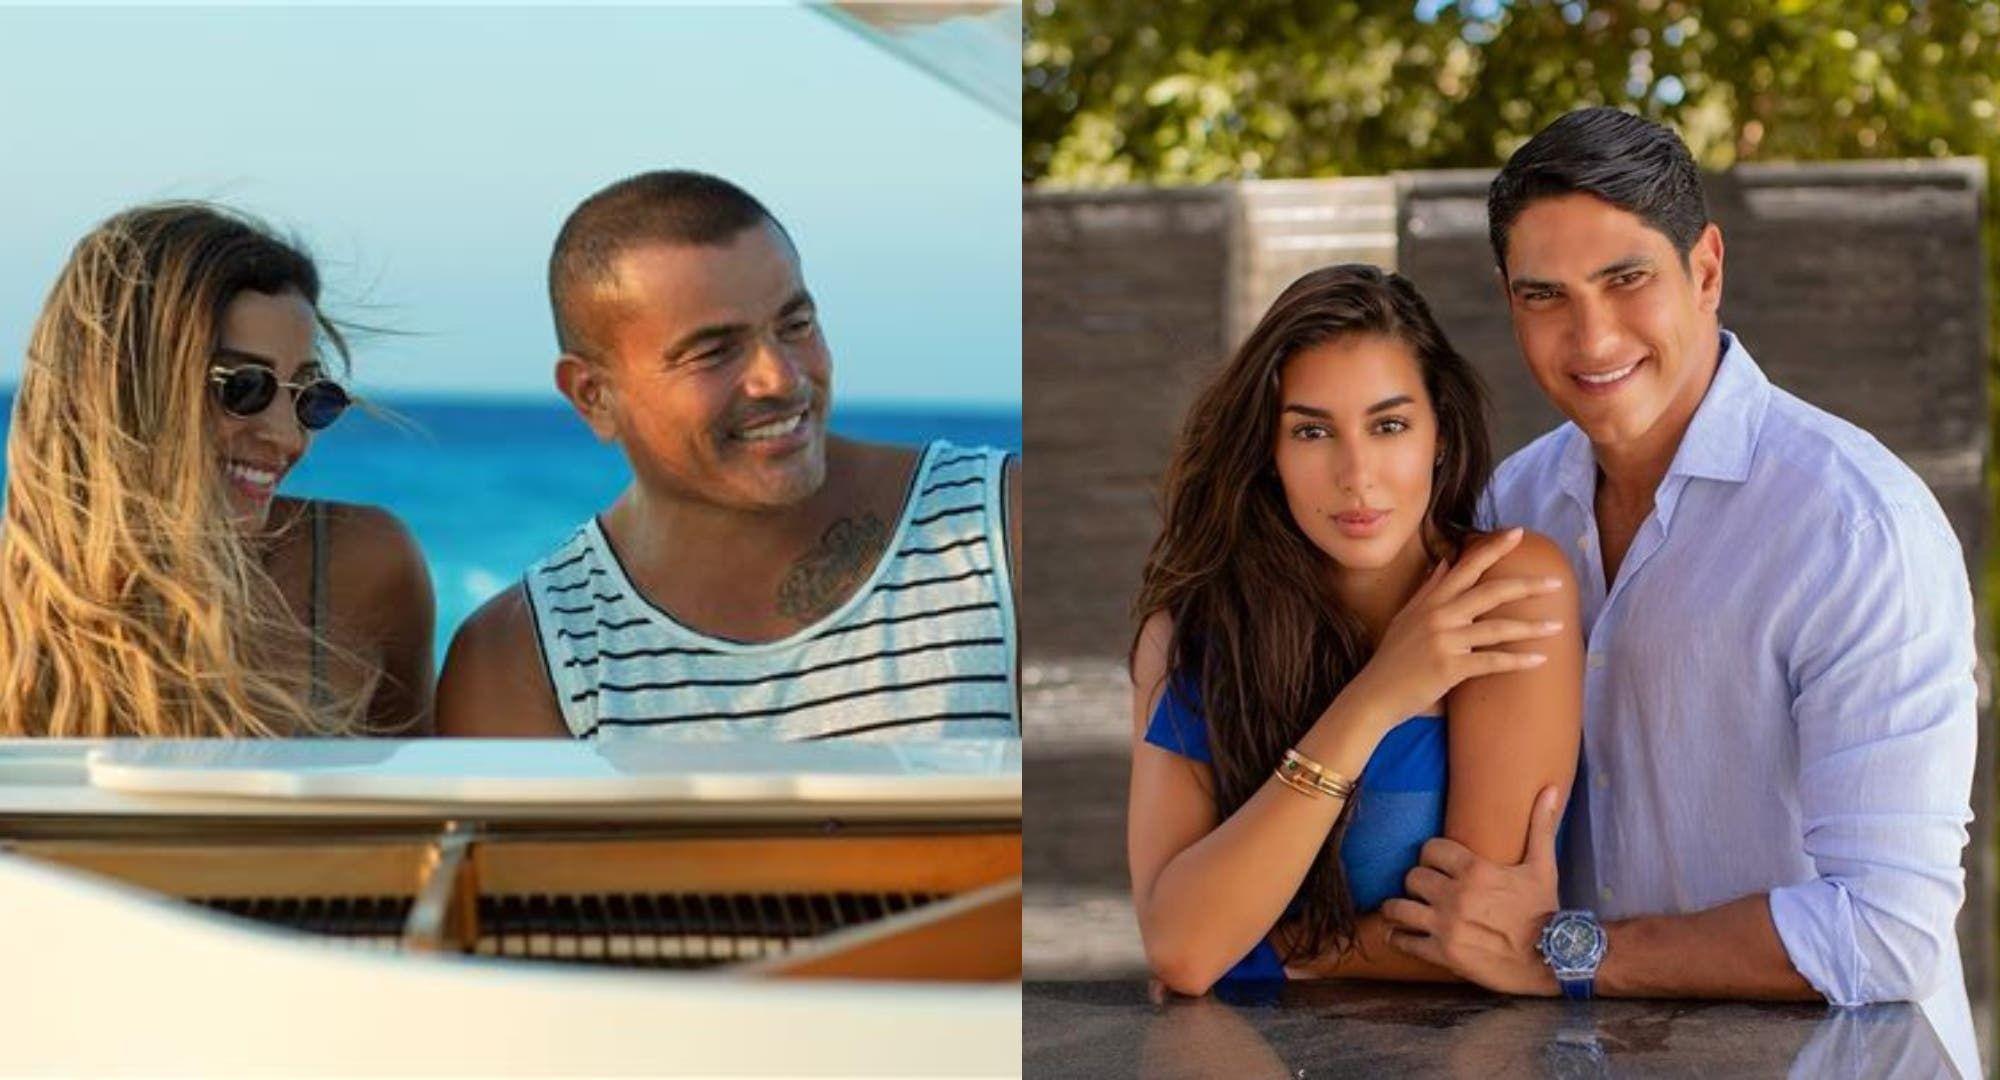 ياسمين صبري ودينا الشربيني تسببان خلاف بين عمرو دياب وأحمد أبو هشيمة ما القصة Couple Photos Scenes Photo